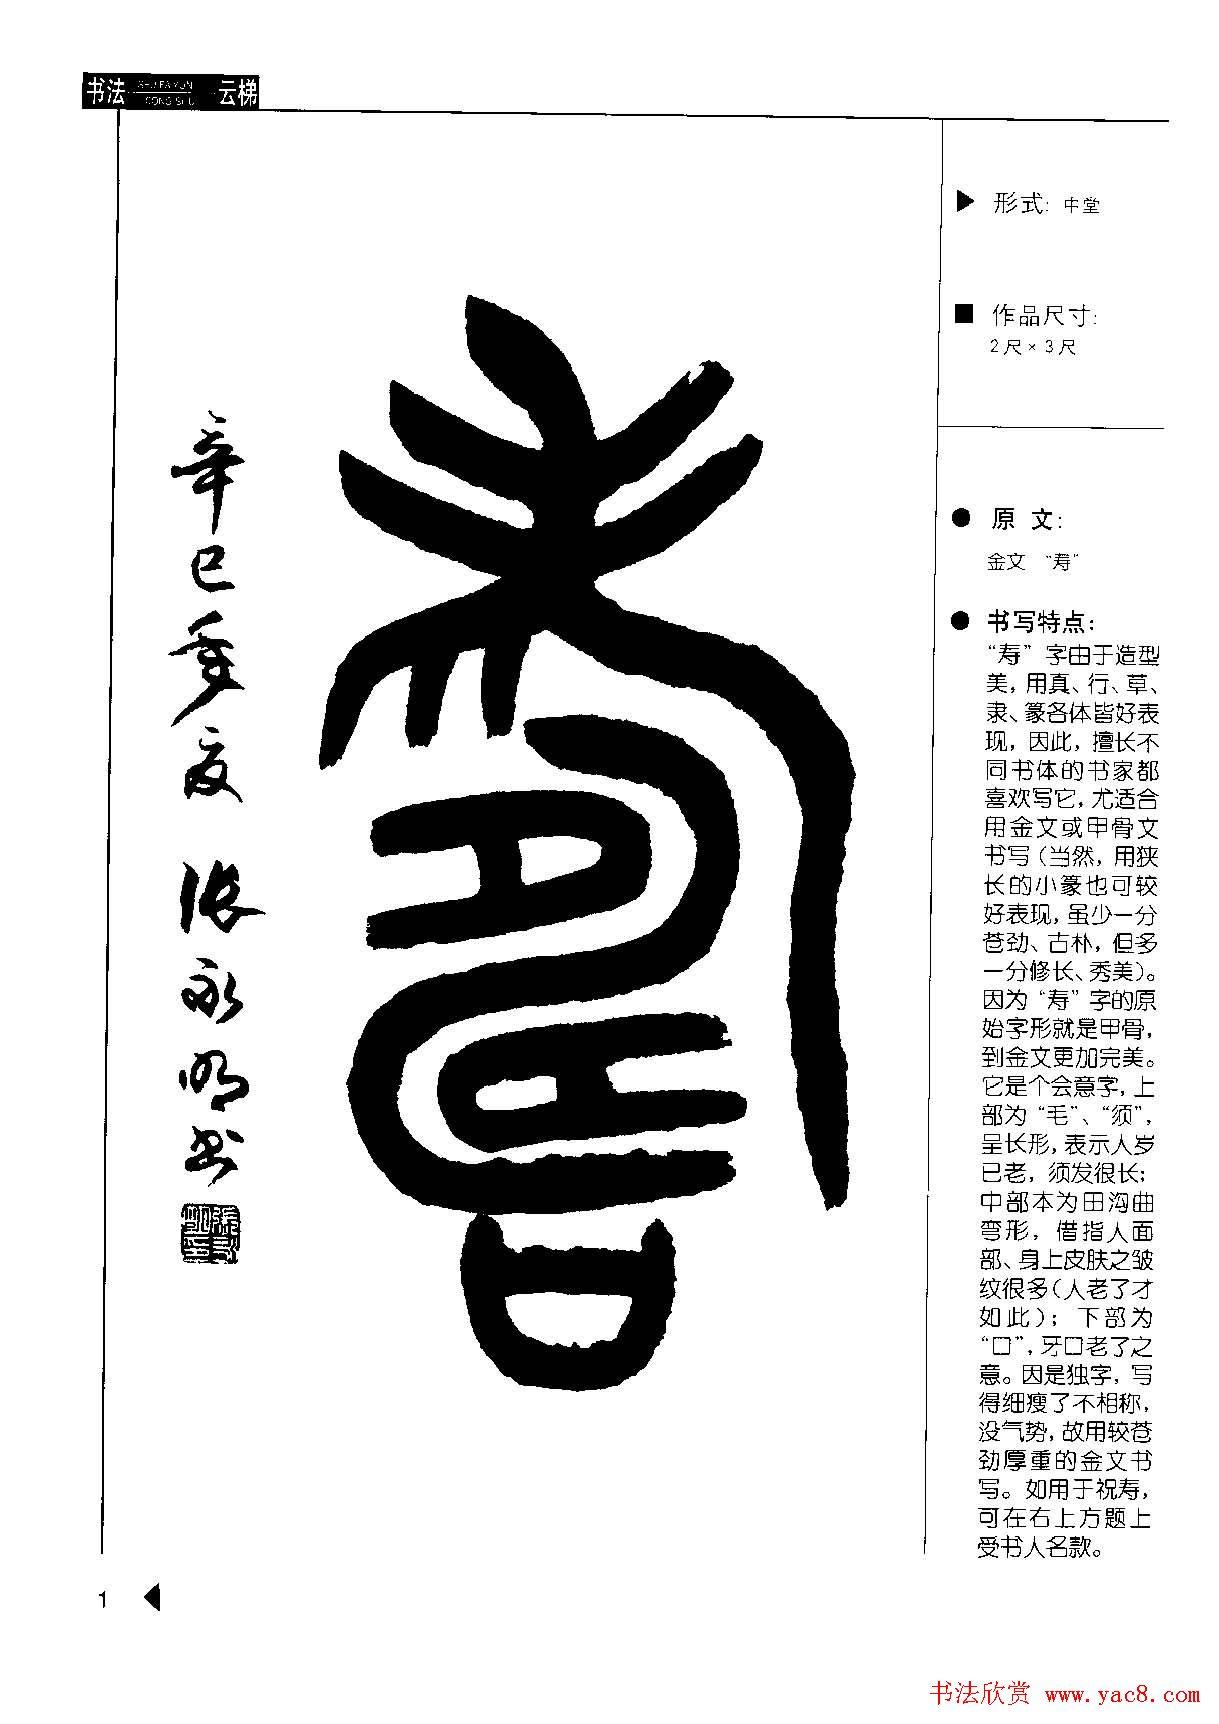 张永明书法字帖《篆书格言50例》(3)图片